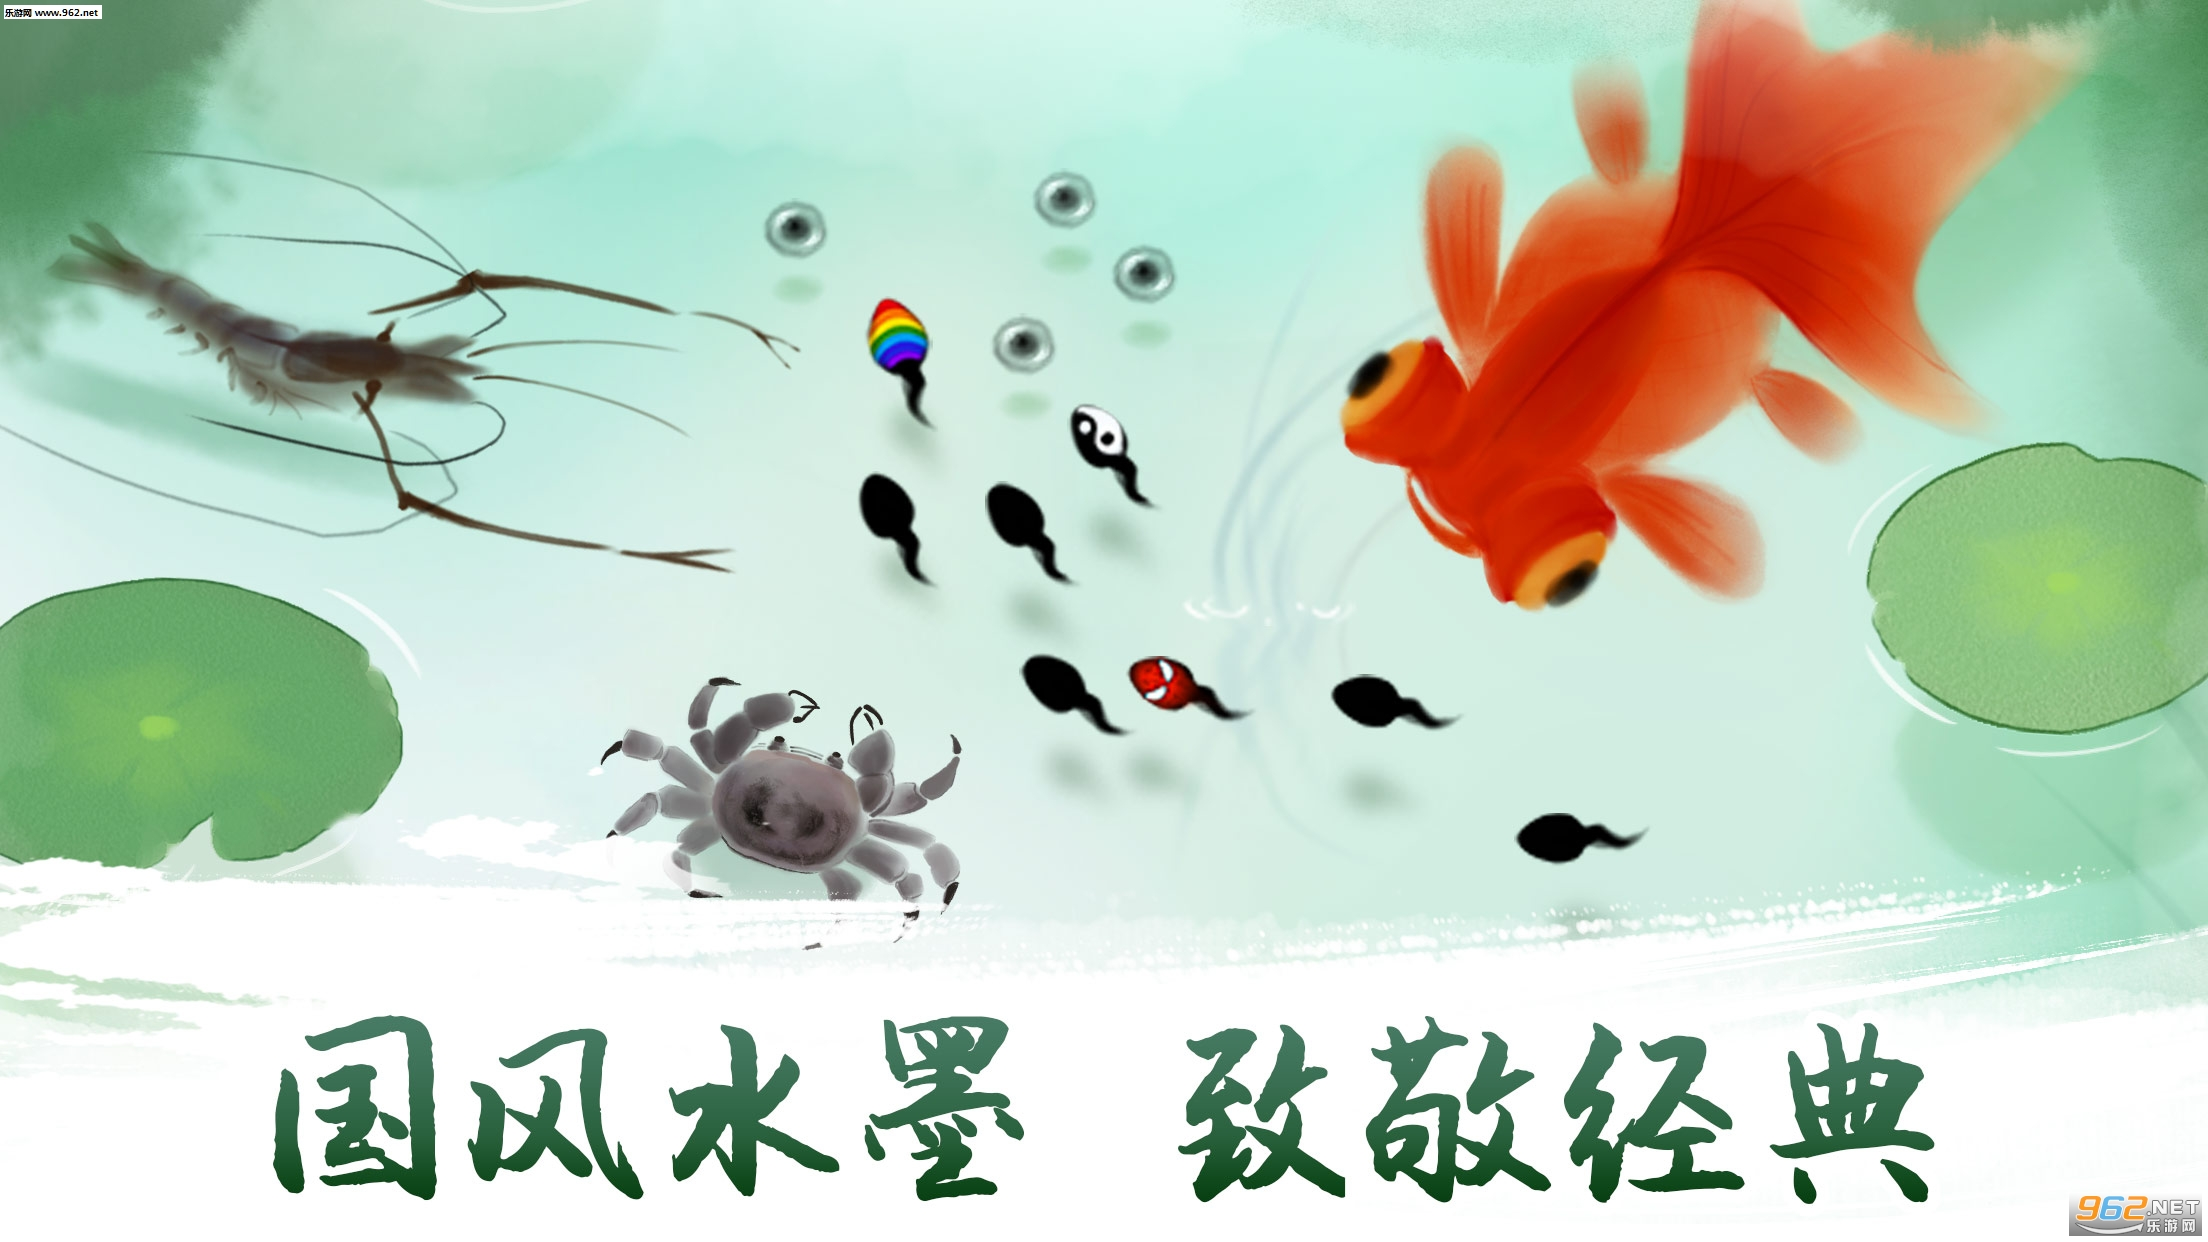 墨虾探蝌手机版v1.0 安卓版截图0